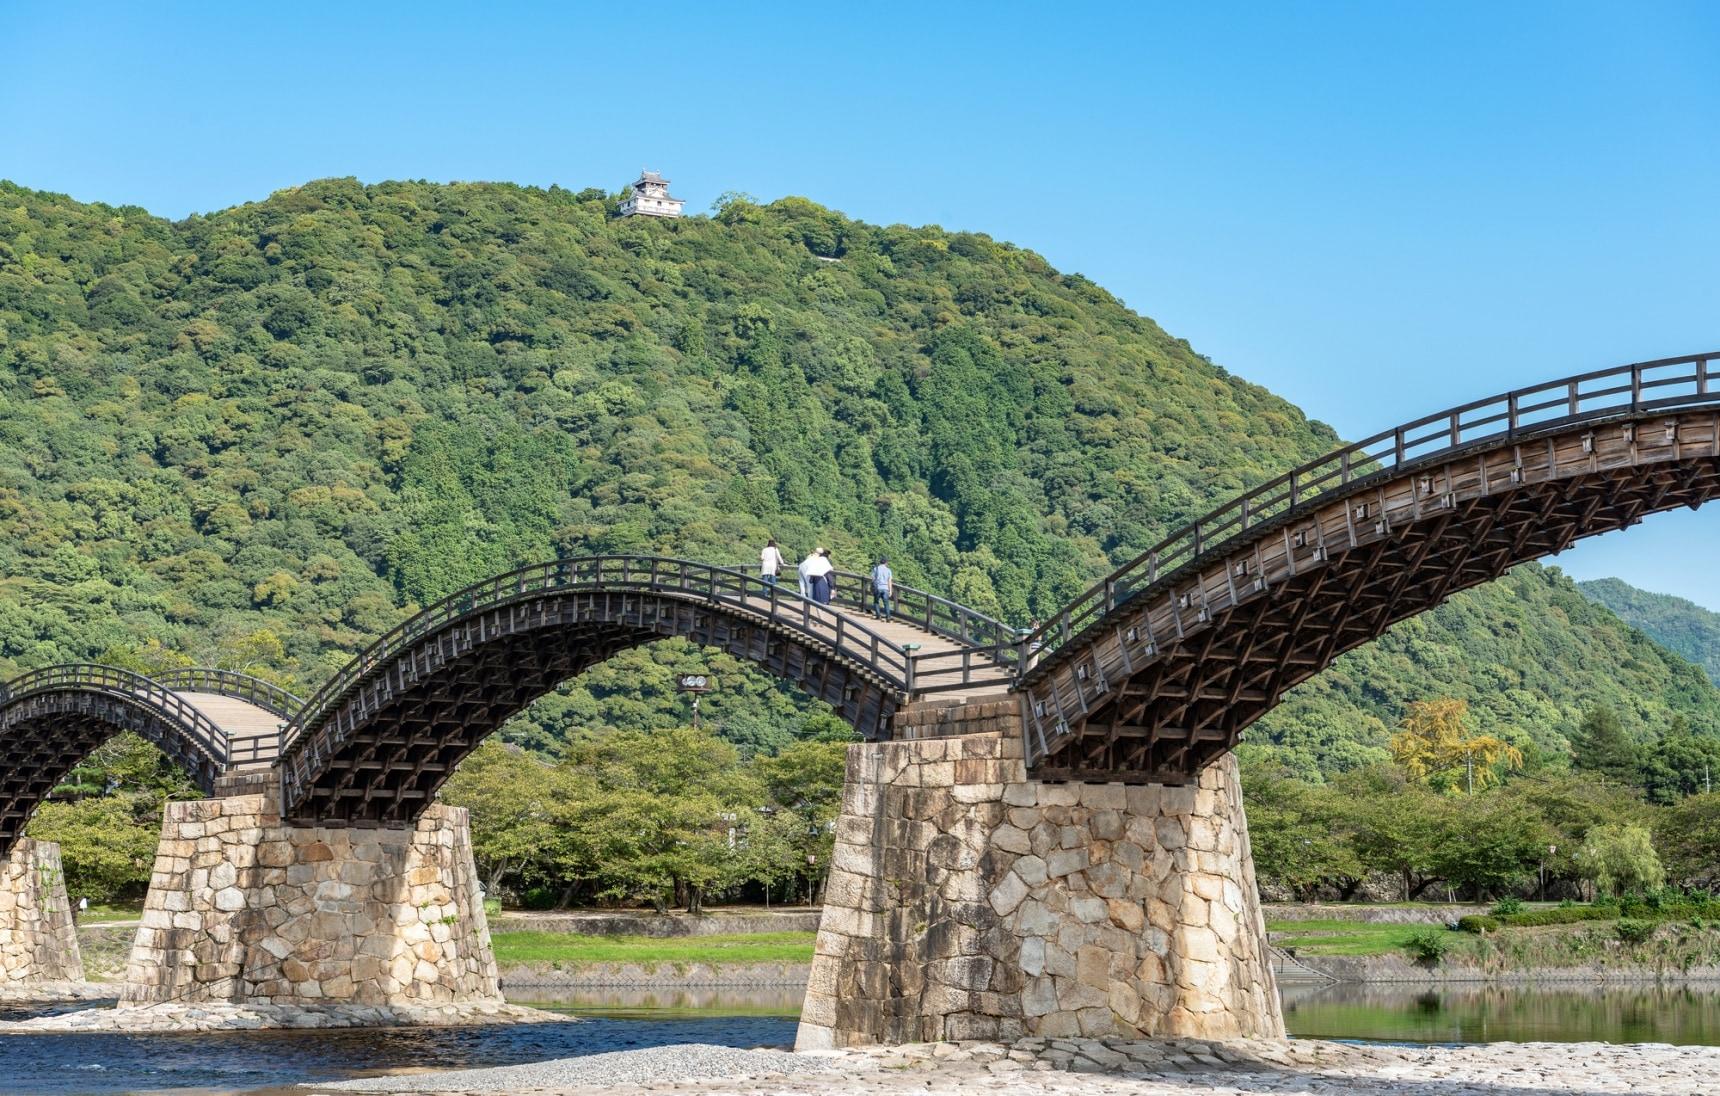 สู่คินไตเคียว ชมสะพานไม้โบราณ ปราสาทอิวาคุนิ